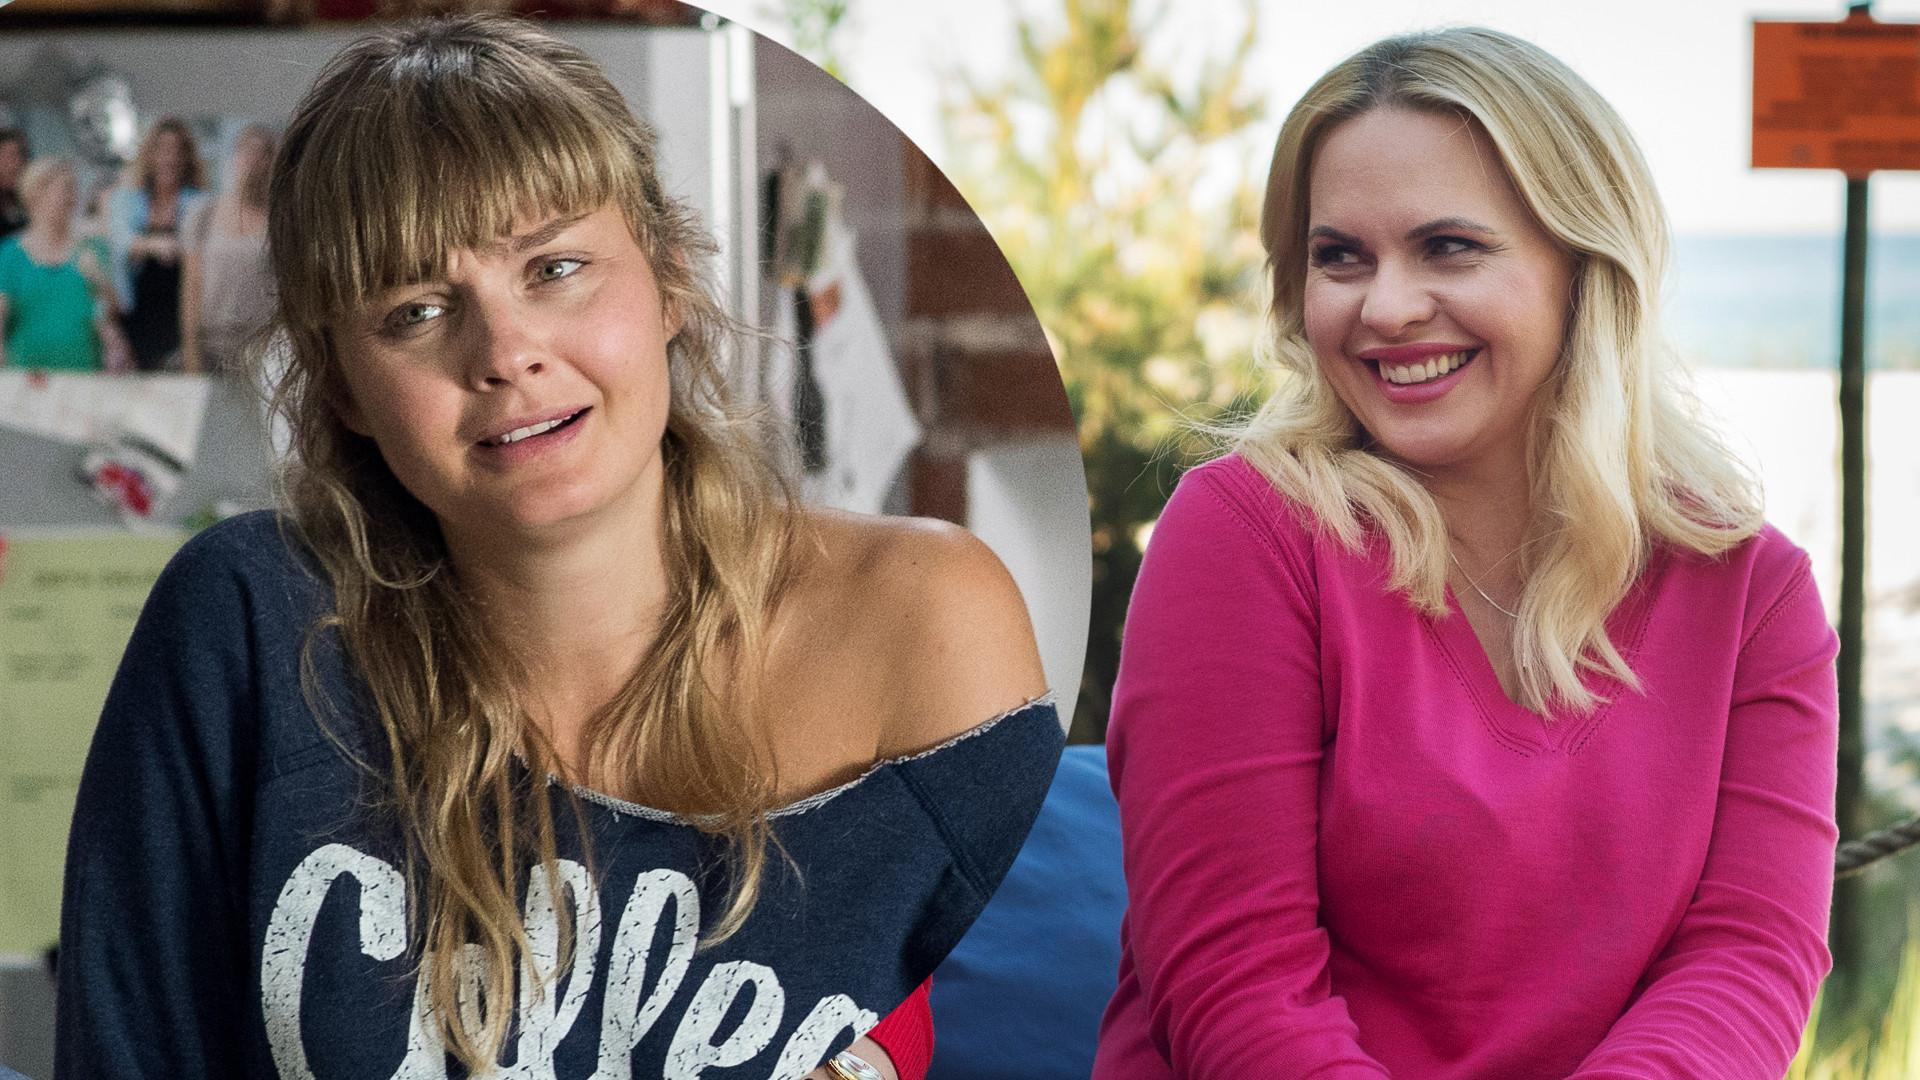 Przyjaciółki 12 sezon: Czy Ankę, Ingę, Patrycję i Zuzę czekają ZMIANY?